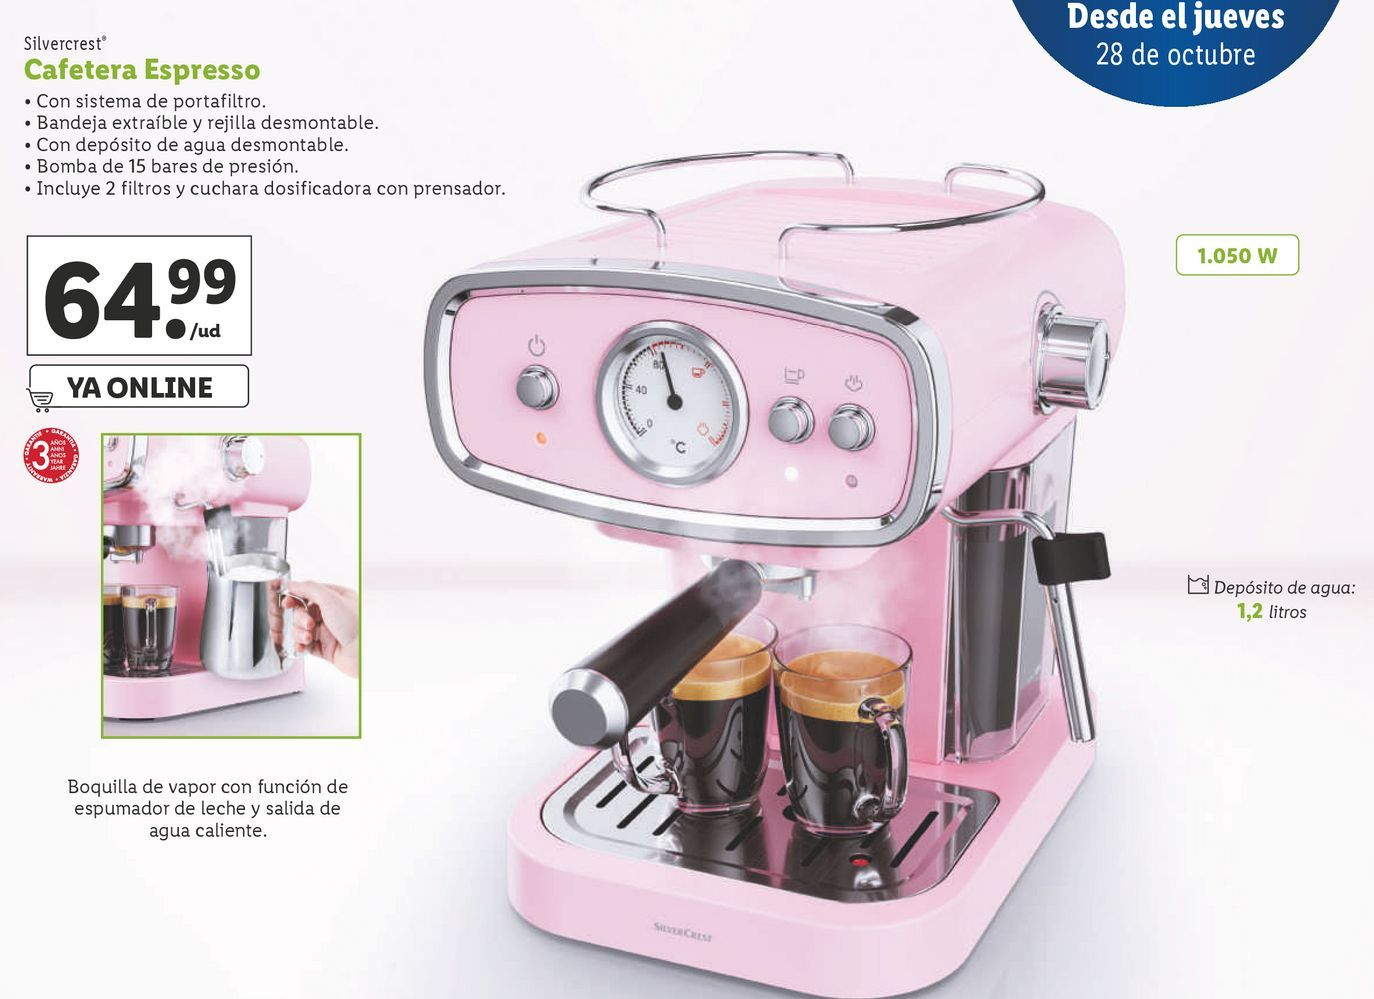 Oferta de Cafetera espresso SilverCrest por 64,99€